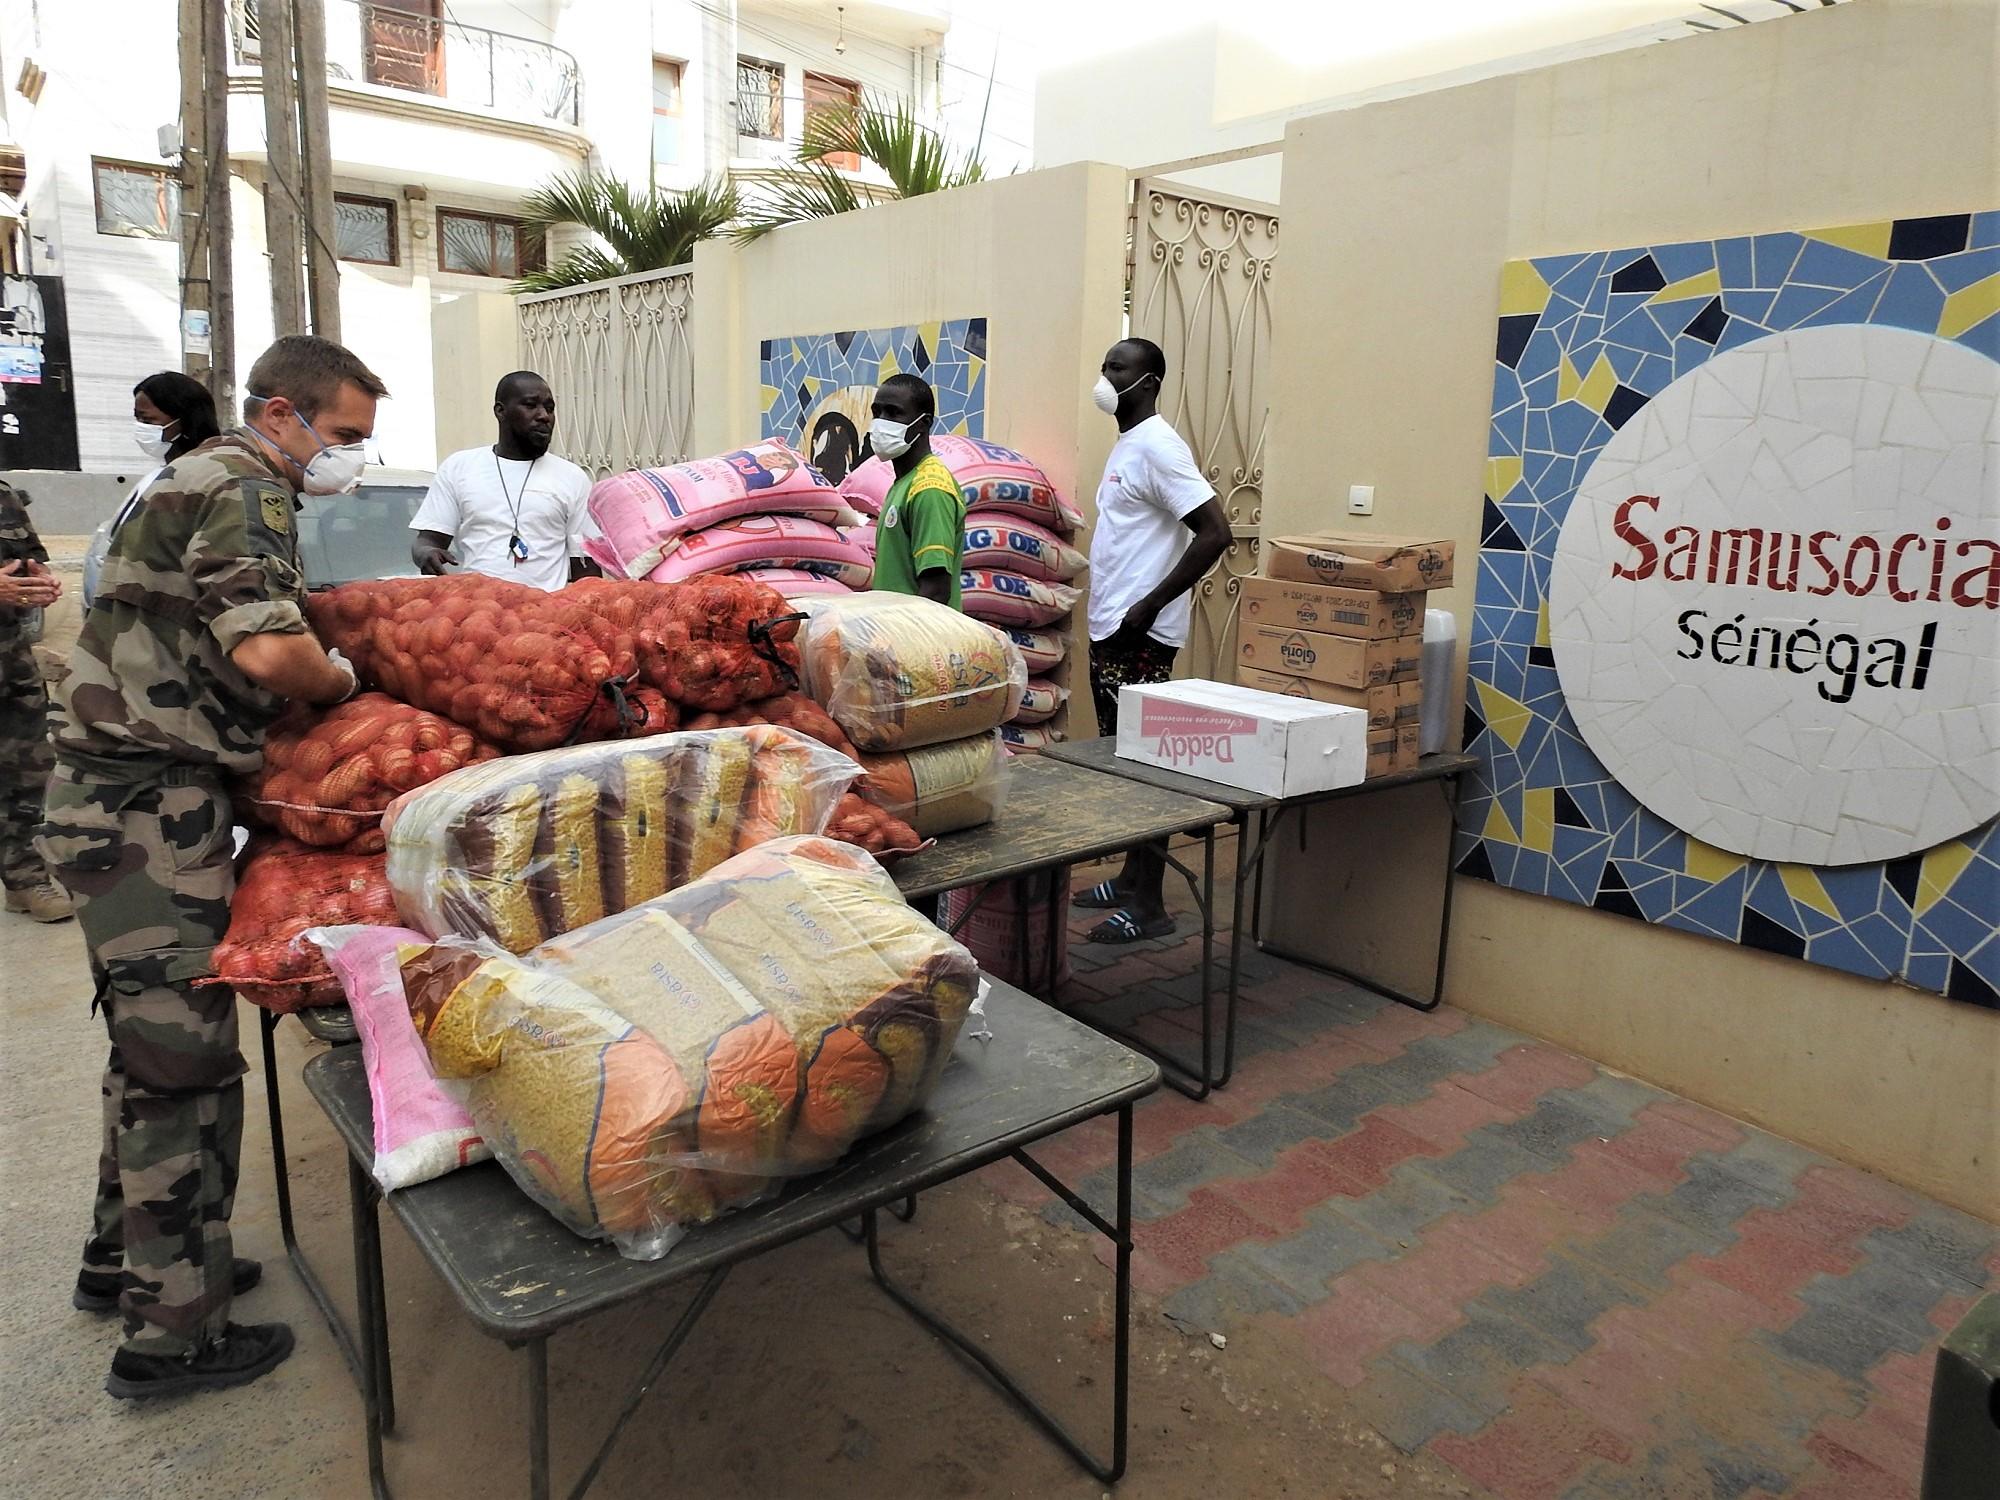 Les Eléments français au Sénégal poursuivent leur action avec le SAMUSOCIAL à Ouakam